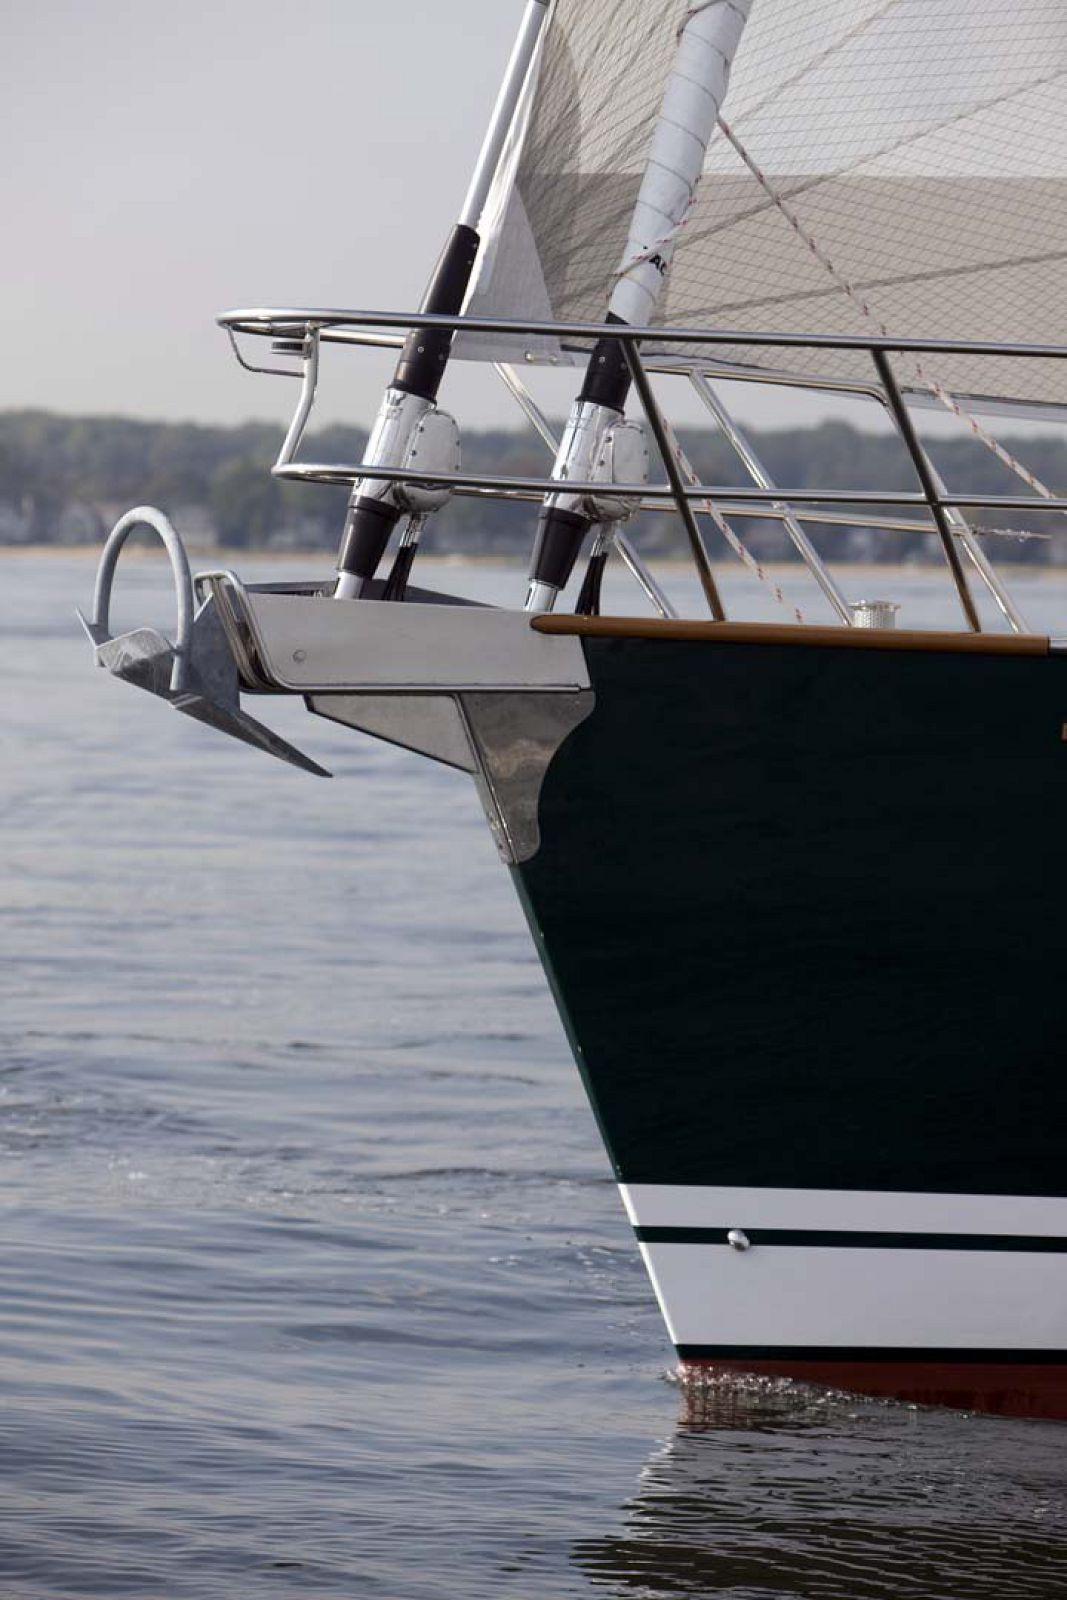 Tartan-Yachts-5300-Sailboat-4